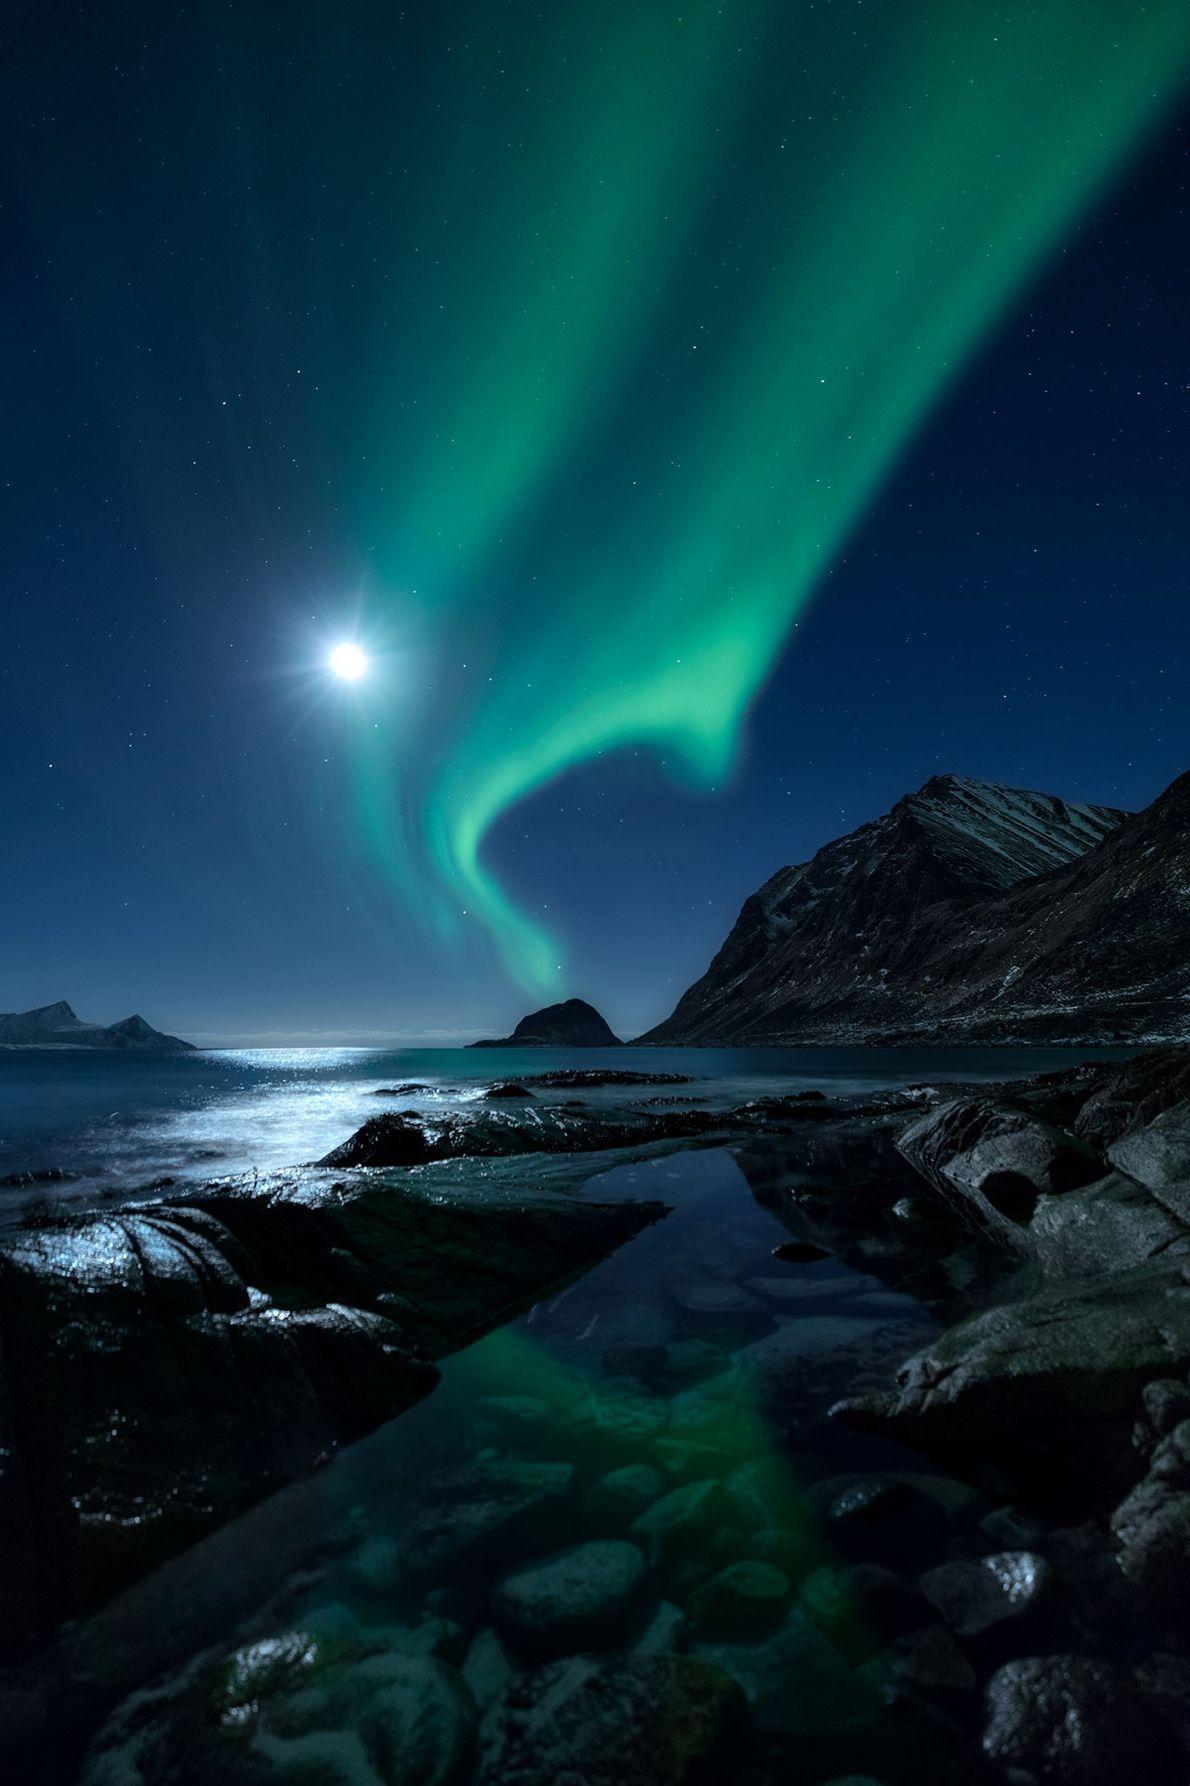 La aurora boreal, Lofoten